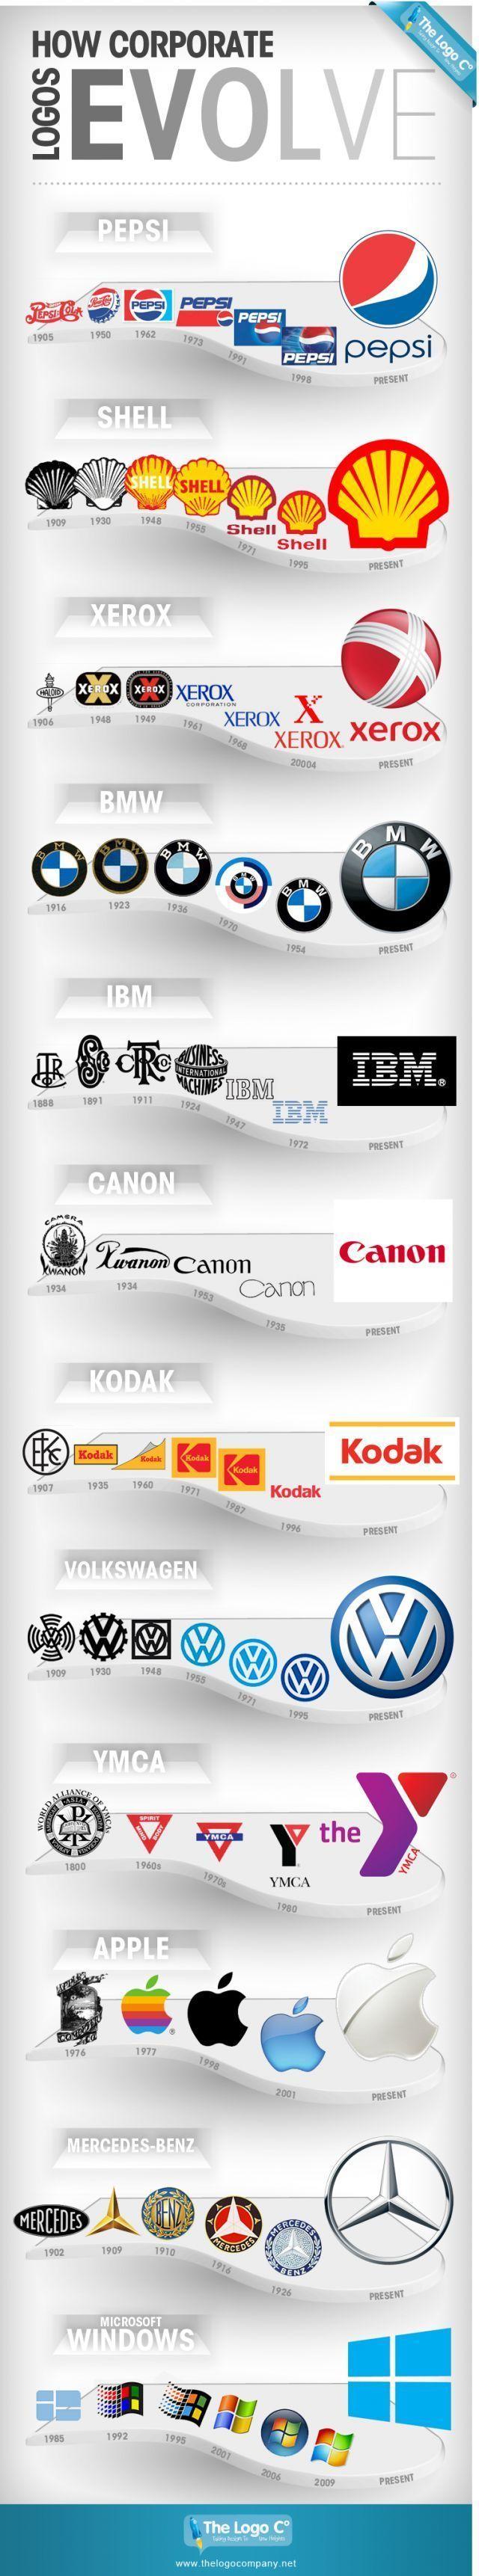 La evolución de logos. Excelente #infografía en inglés. Título origina: How Corporate Logos Evolve